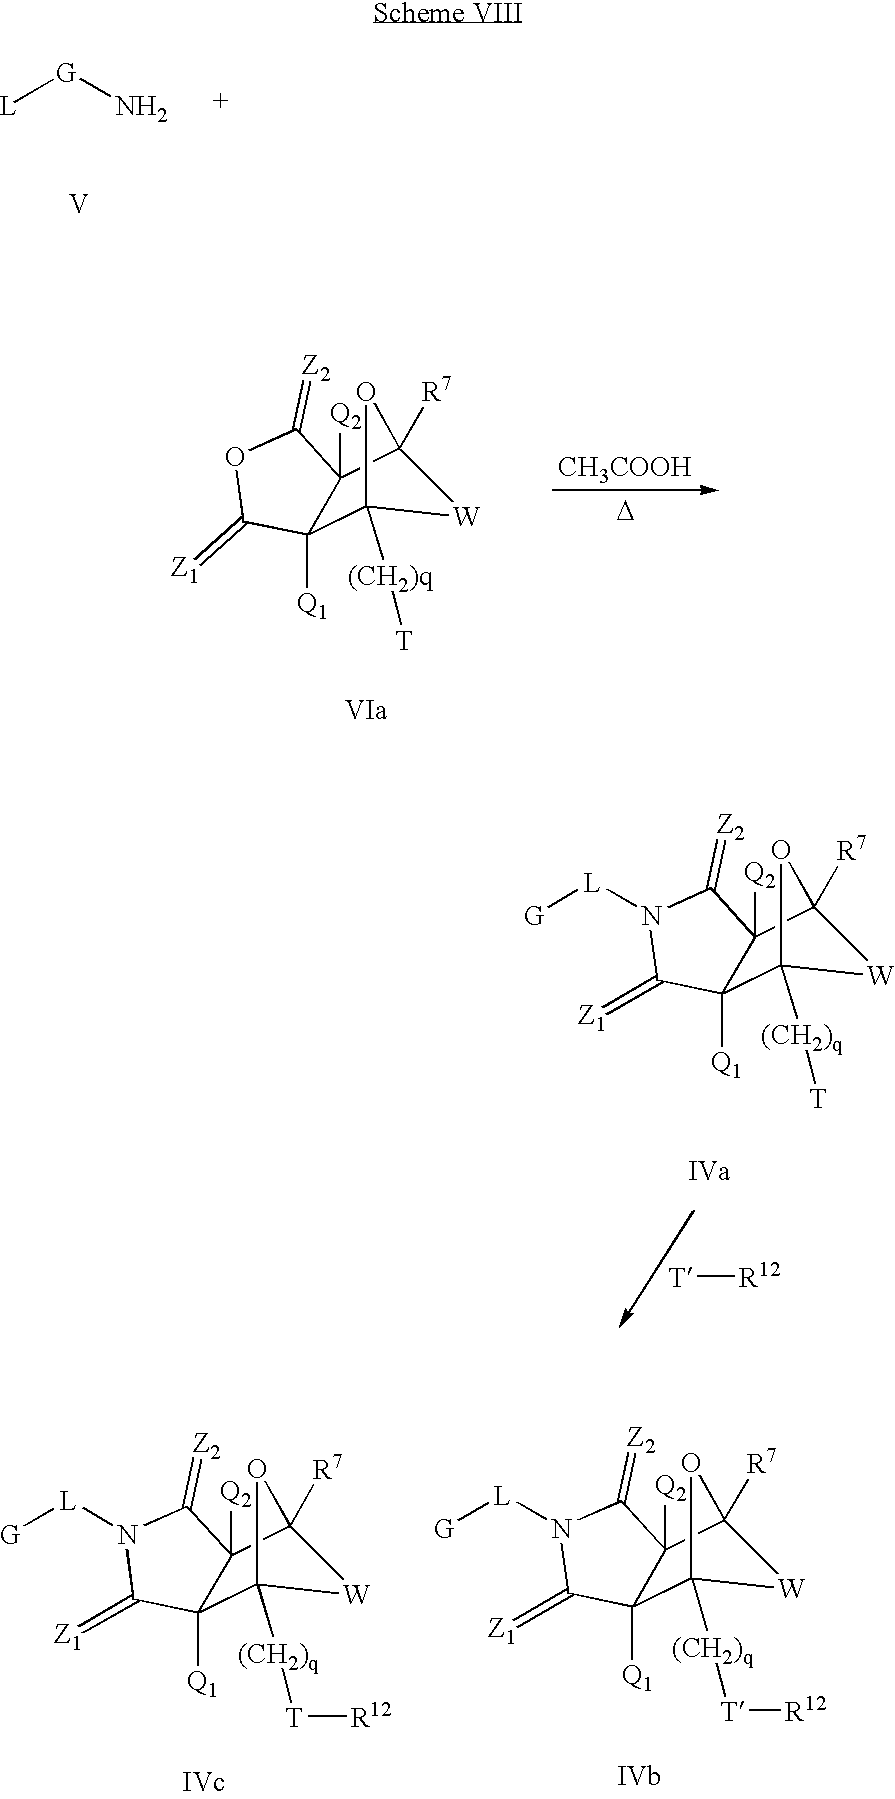 Figure US07655689-20100202-C00012